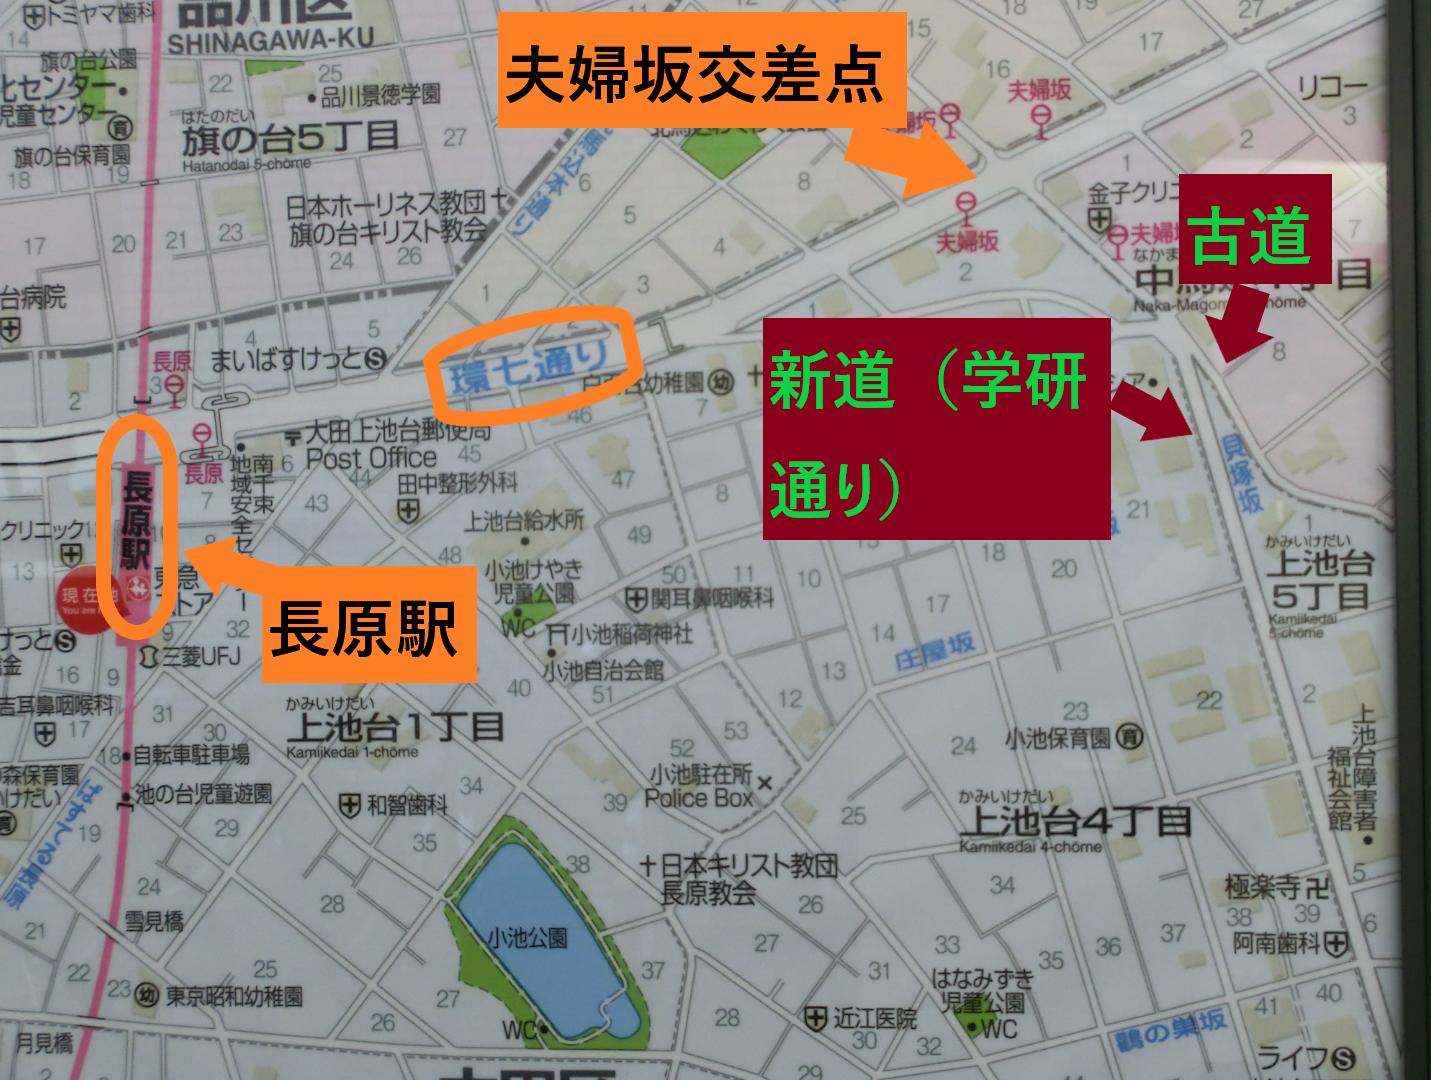 長原駅前の地図 上池台散策